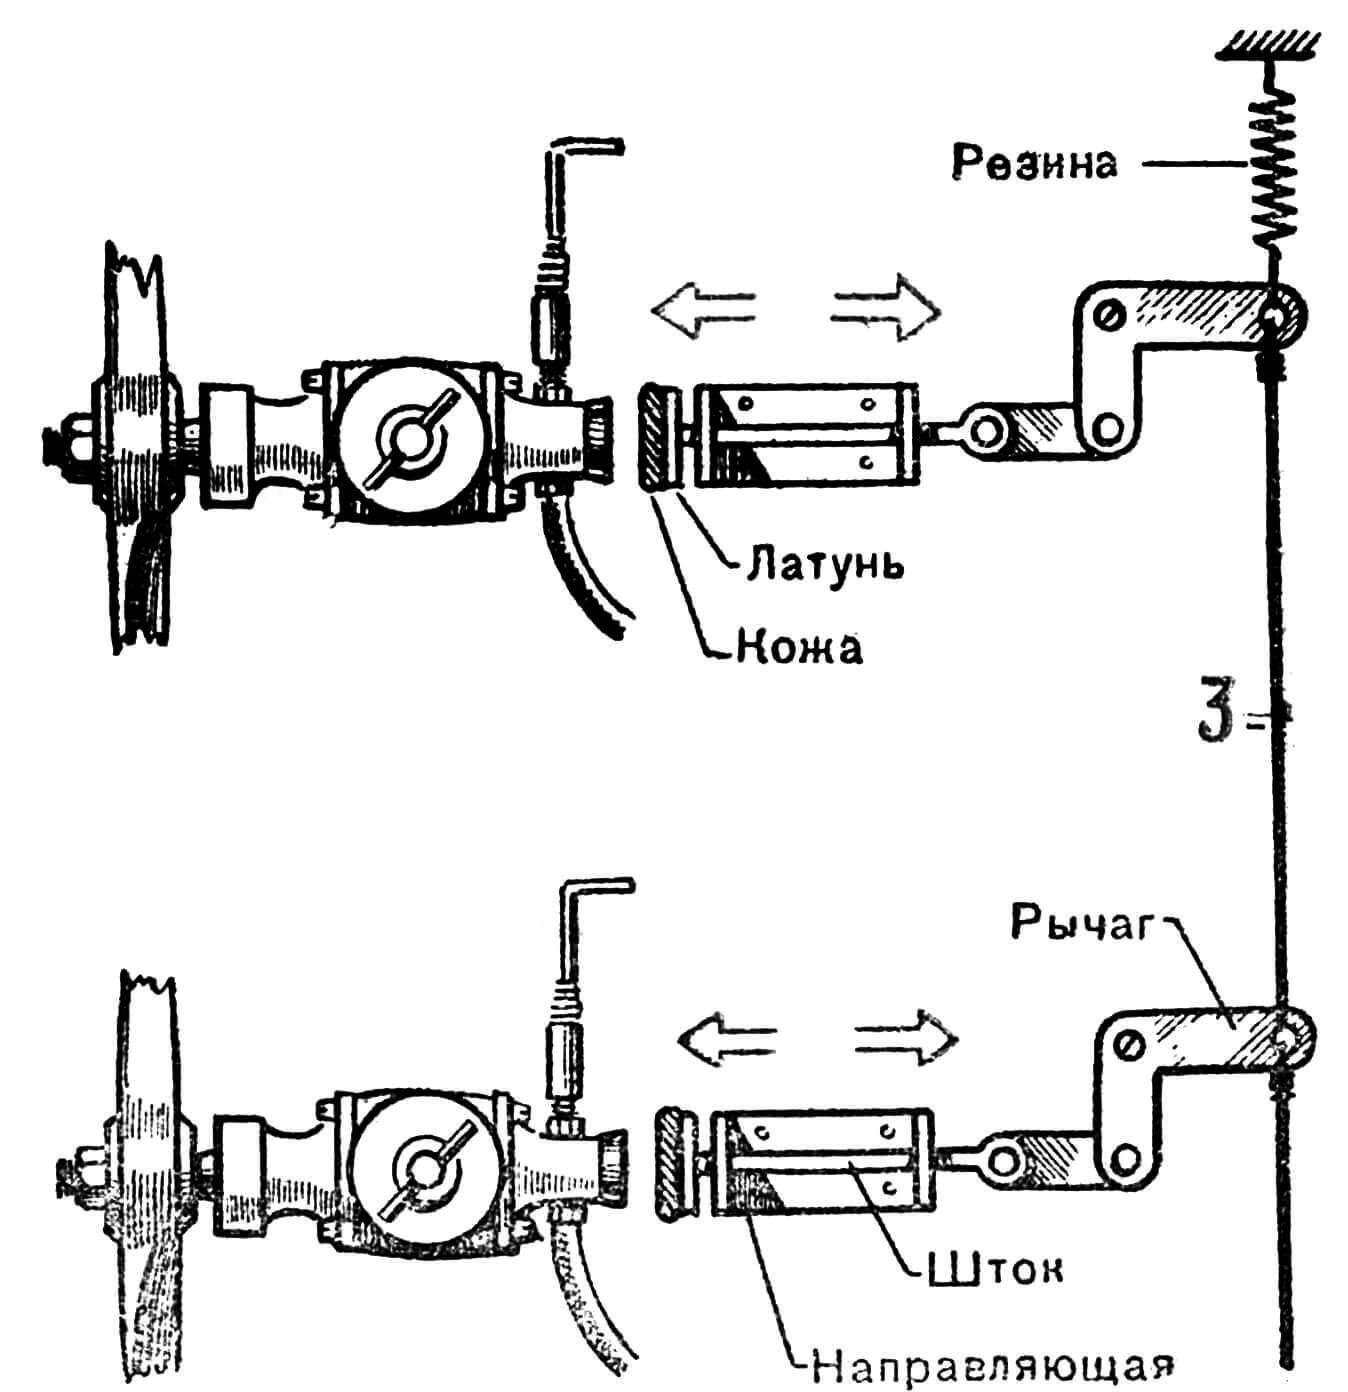 РИС. 2. МЕХАНИЗМ УПРАВЛЕНИЯ ГАЗОМ (3 — корда. См. рис. 1).